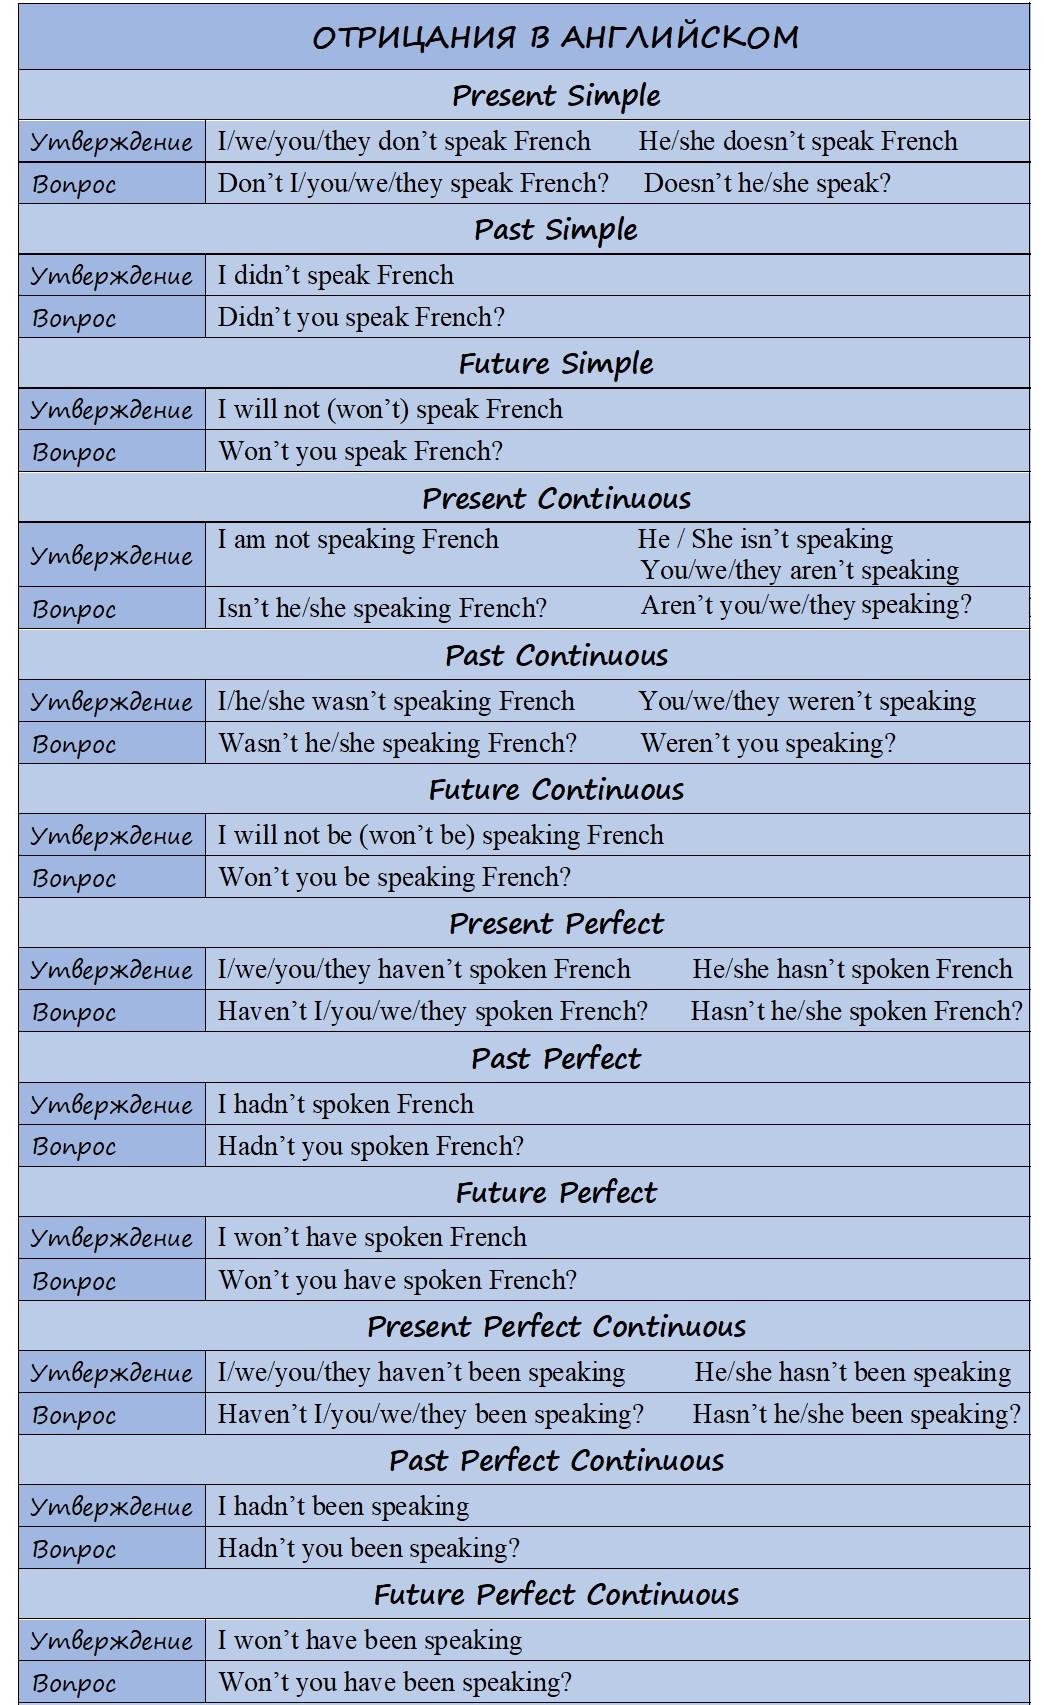 отрицание в английском языке таблица